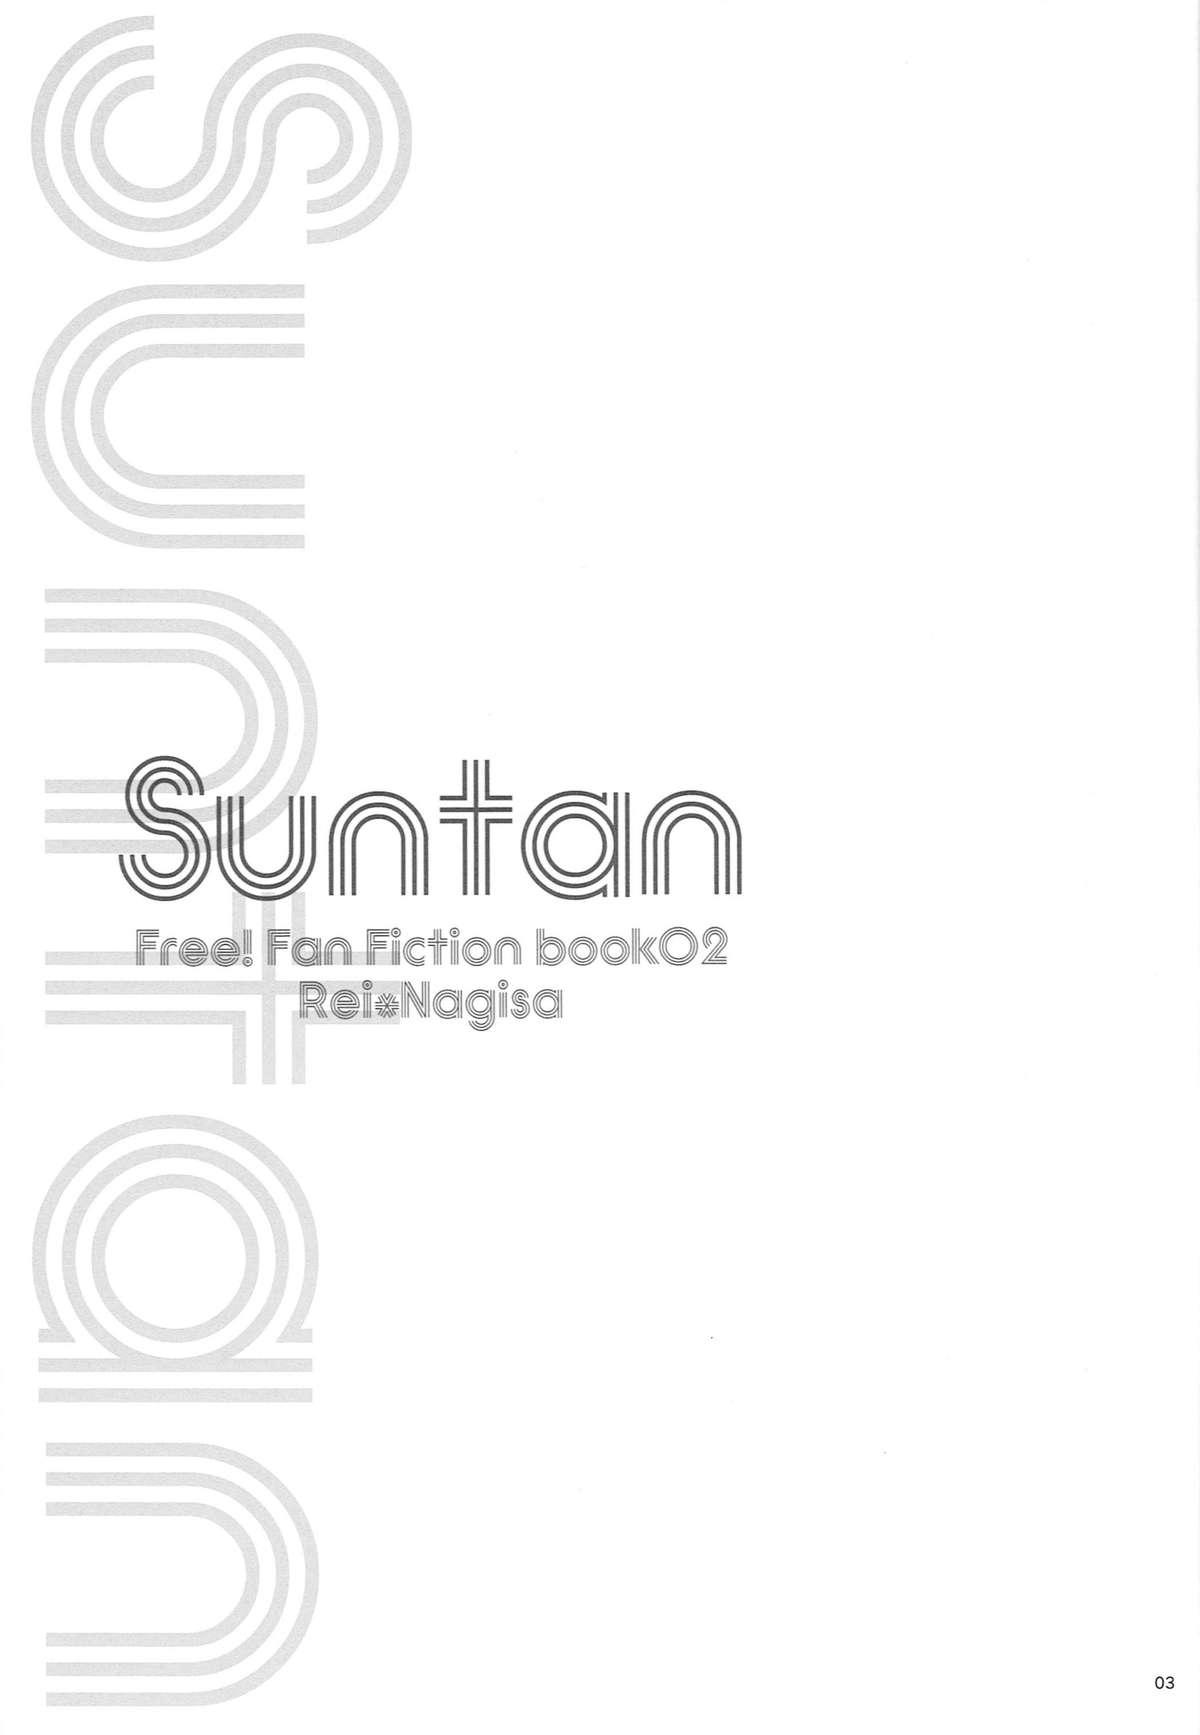 Suntan 1